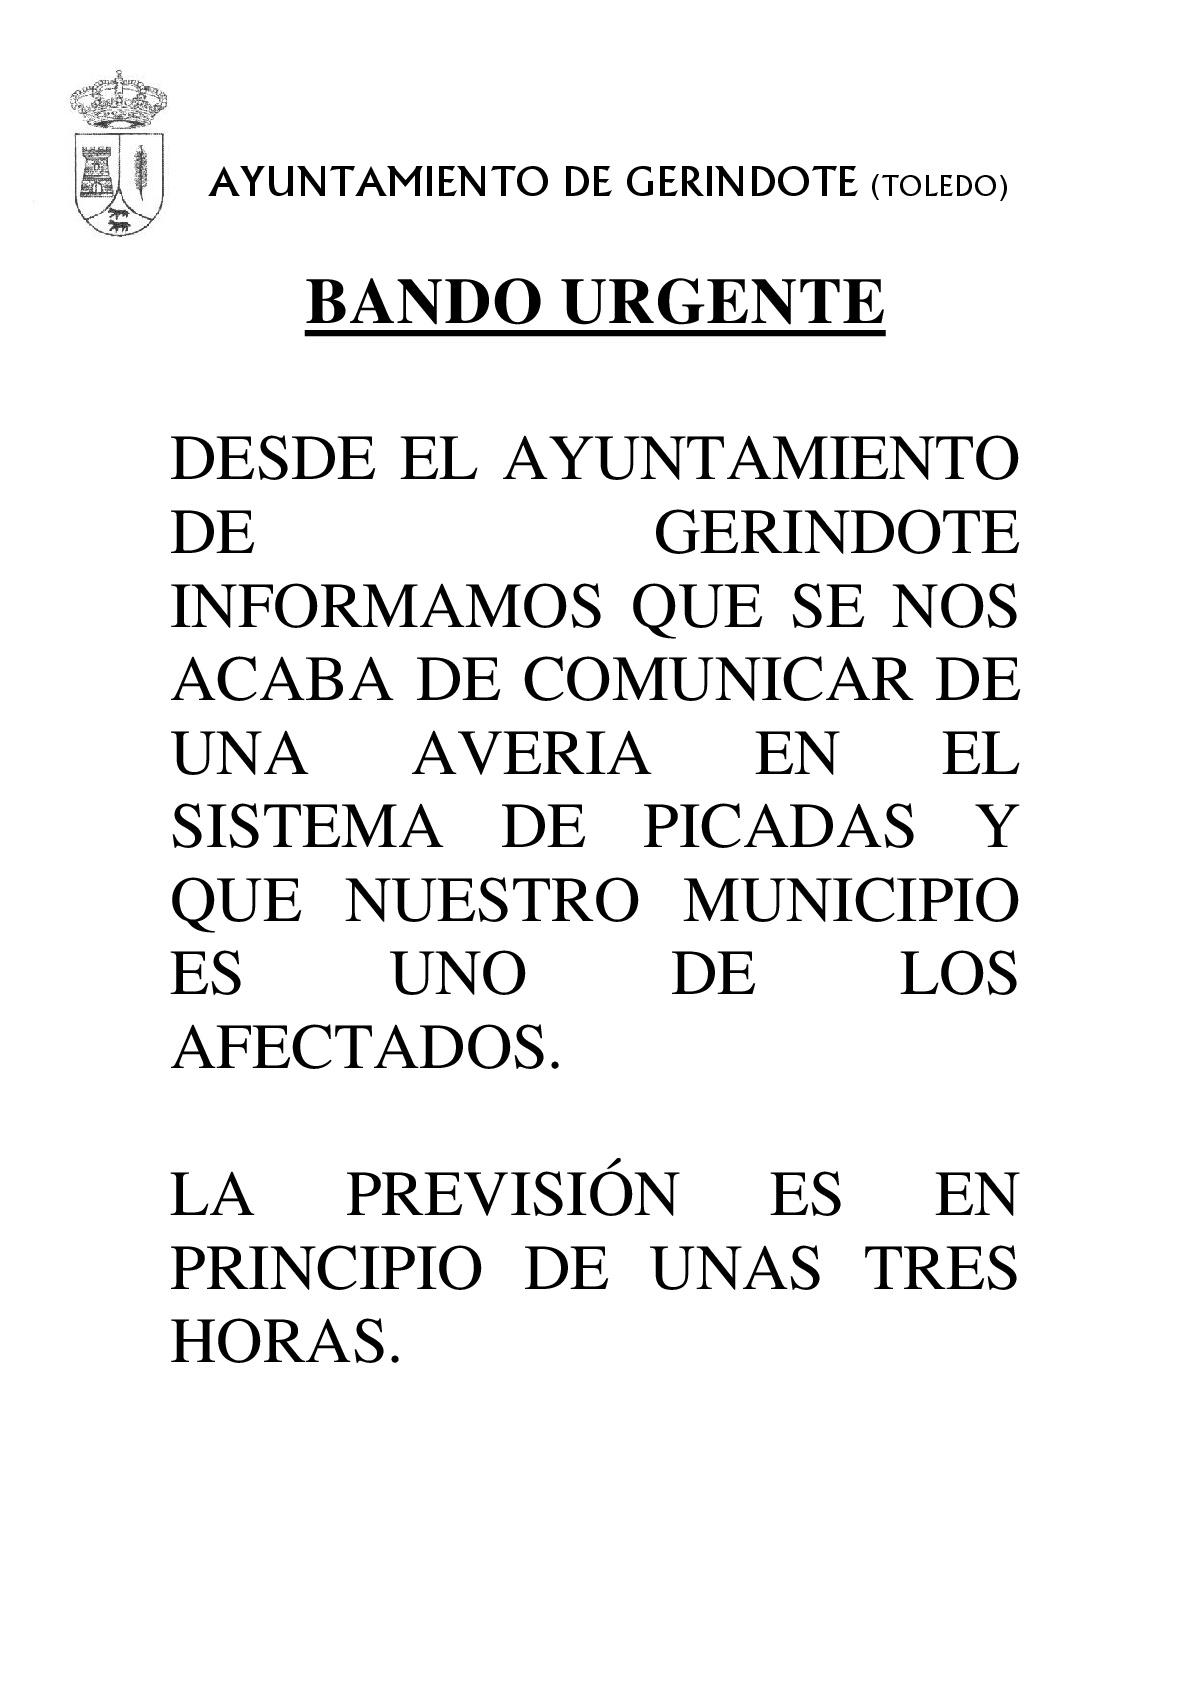 BANDO AVERIA PICADAS PDF-001.jpg